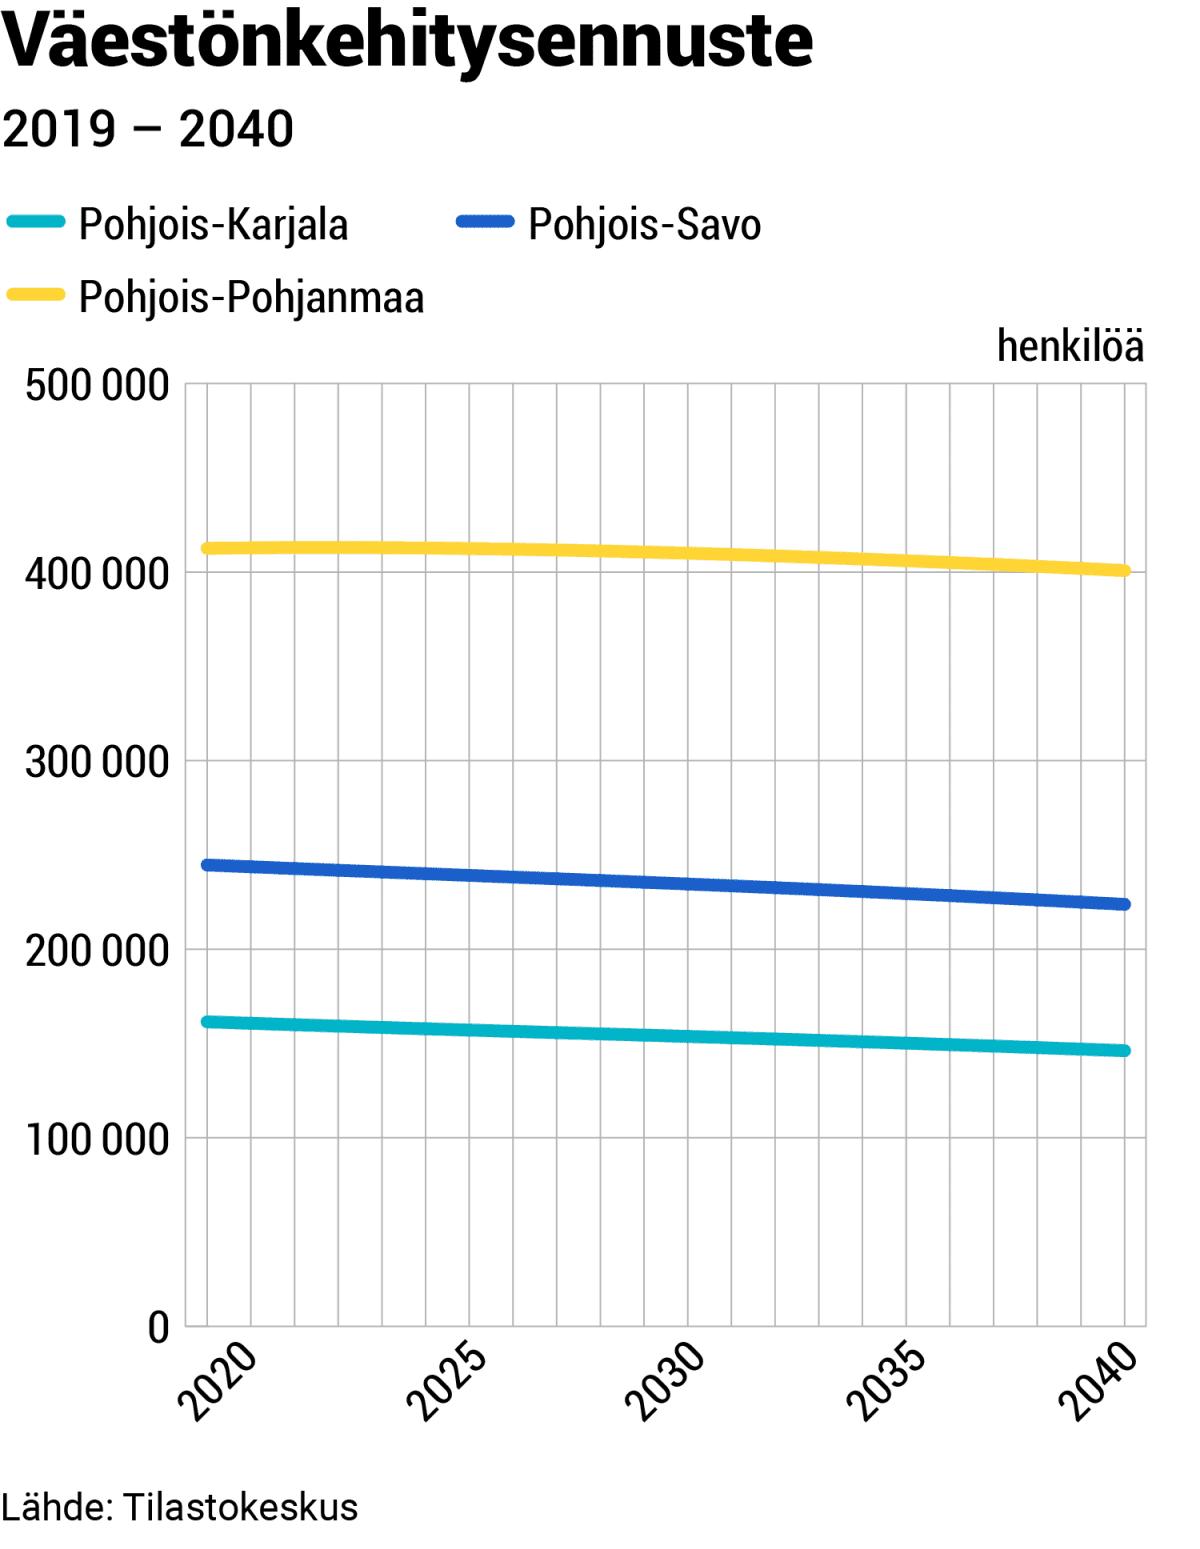 Väestönkehitysennuste